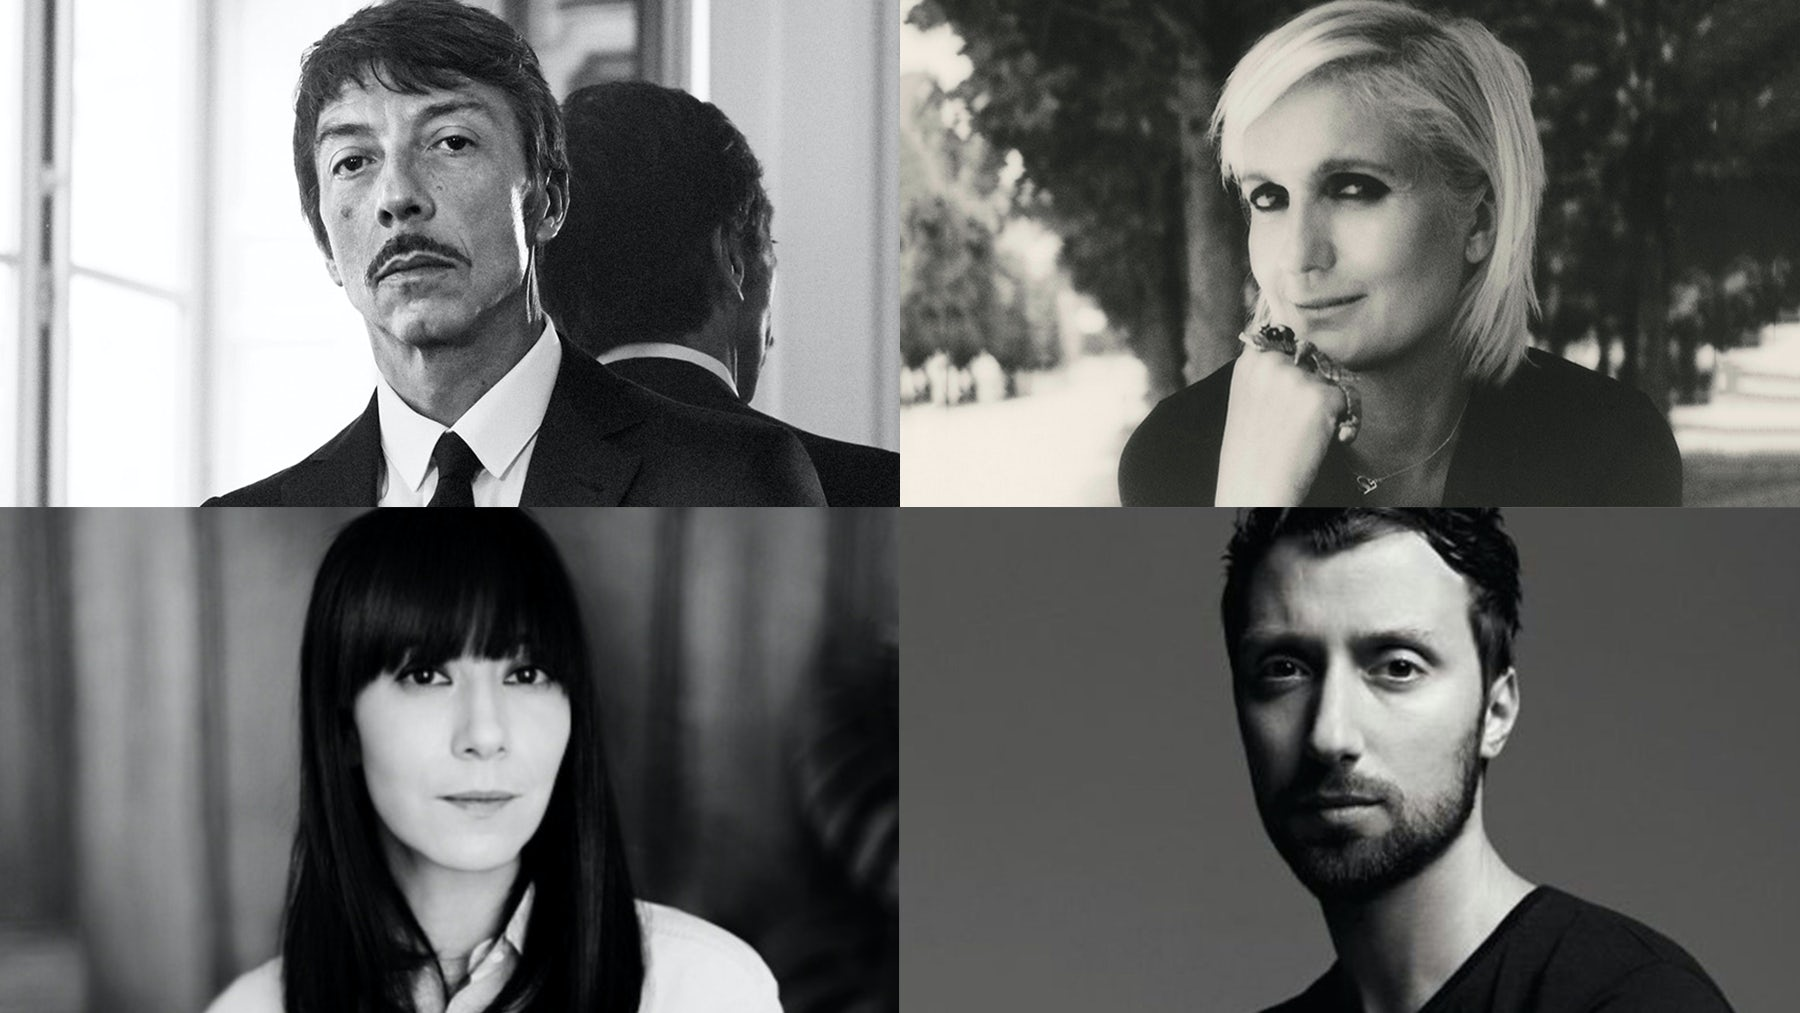 Clockwise from top left: Pierpaolo Piccioli, Maria Grazia Chiuri, Bouchra Jarrar, Anthony Vaccarello | Source: Courtesy